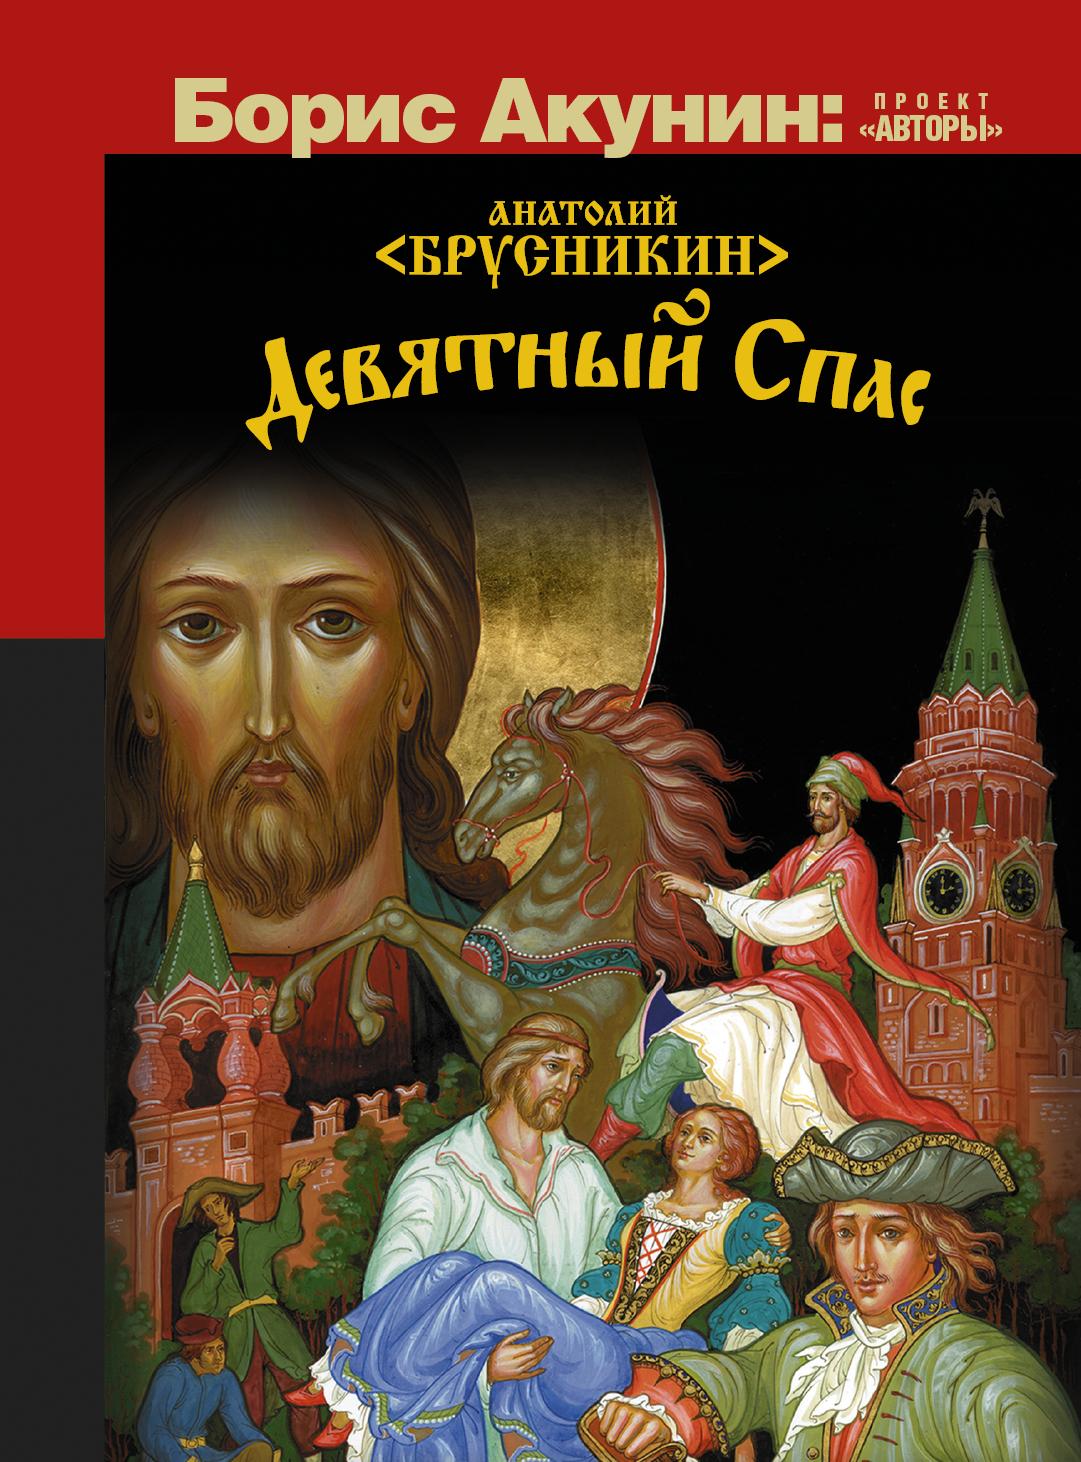 АКУНИН Б. Девятный спас